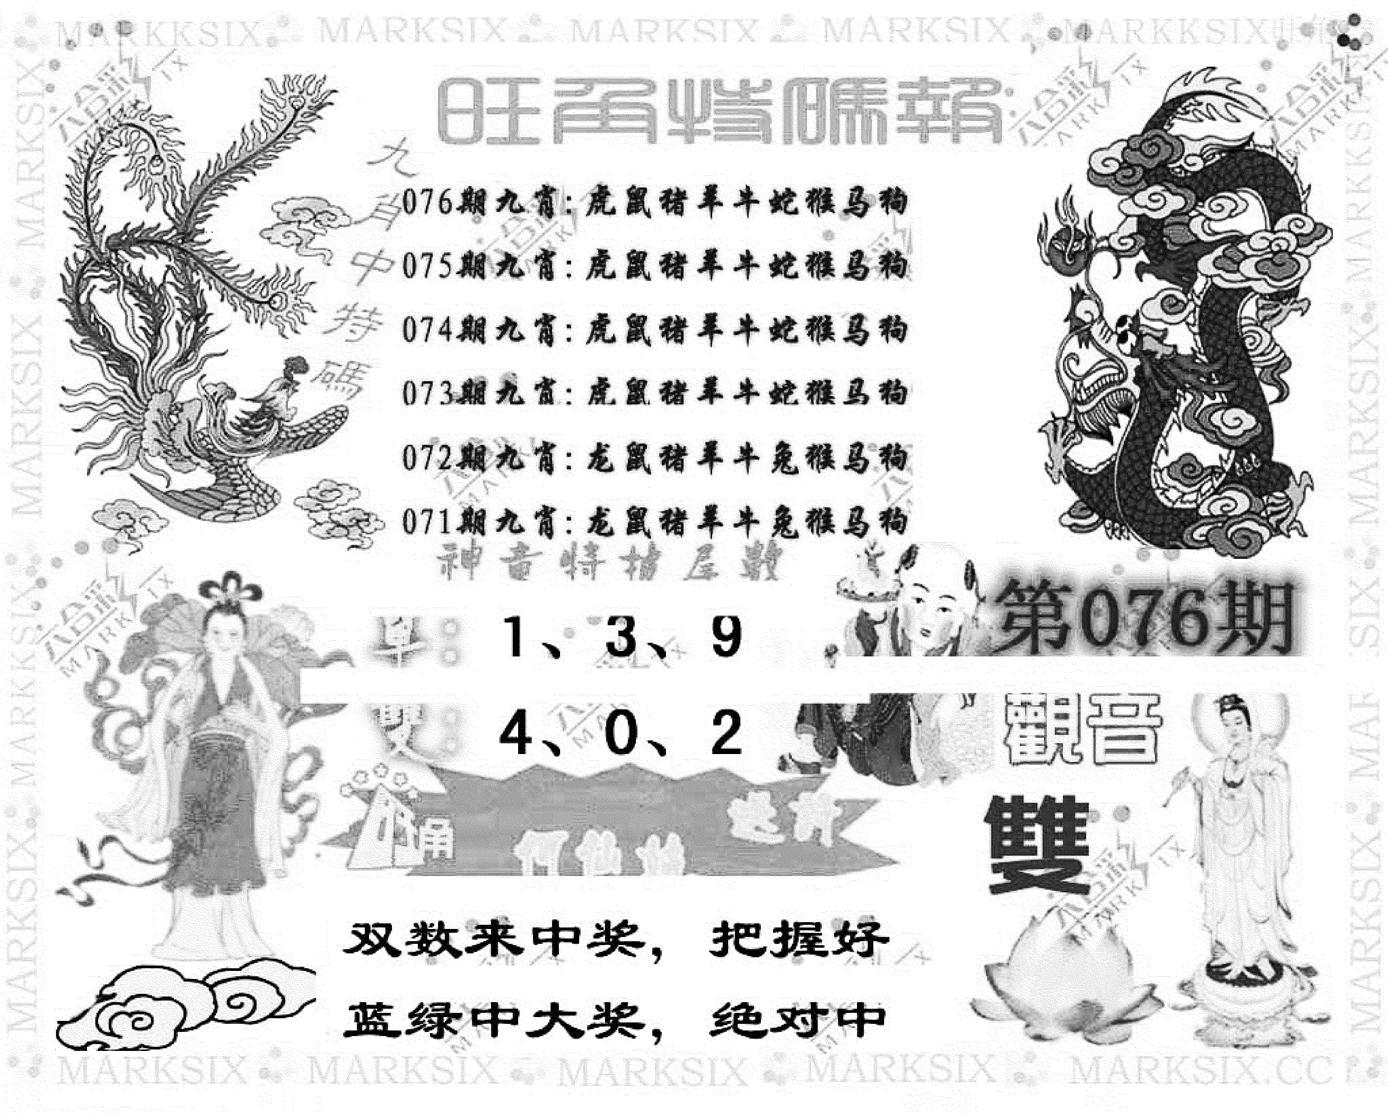 076期旺角特码报(彩)(黑白)